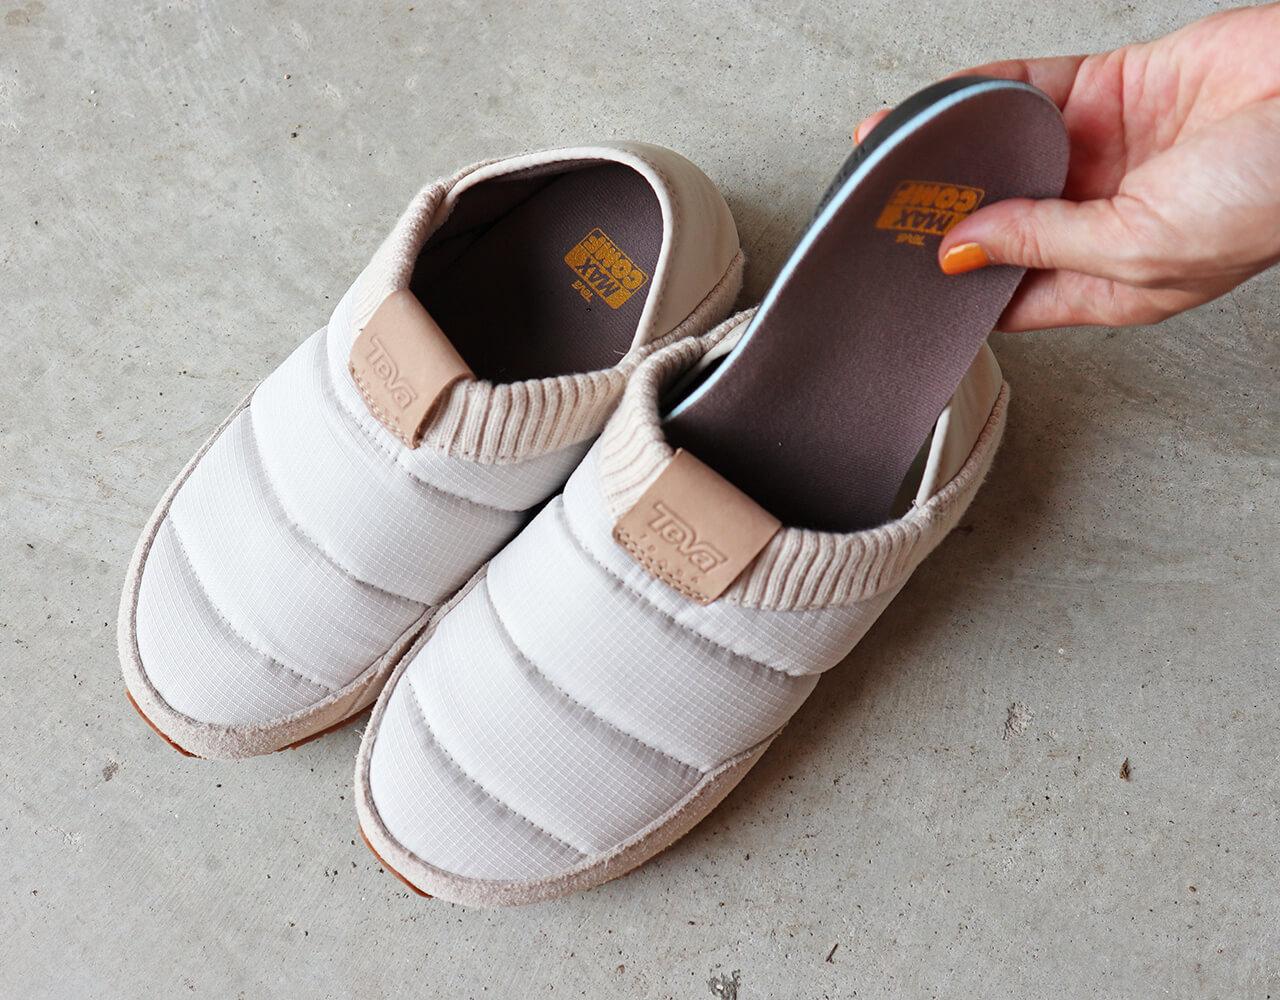 リニューアルしたインソール「MAX―COMF」。形状記憶フォームで足裏にしっかりフィットするので、スリッパ履きでも安定の履き心地。イージス®抗菌加工済なので、足の匂いが気にならないのもありがたいポイントです。ちなみに私はだいたい23.5~24センチ。ハーフピッチがないので24センチを着用していますが、ホールド感が高くぴったりと履けます。